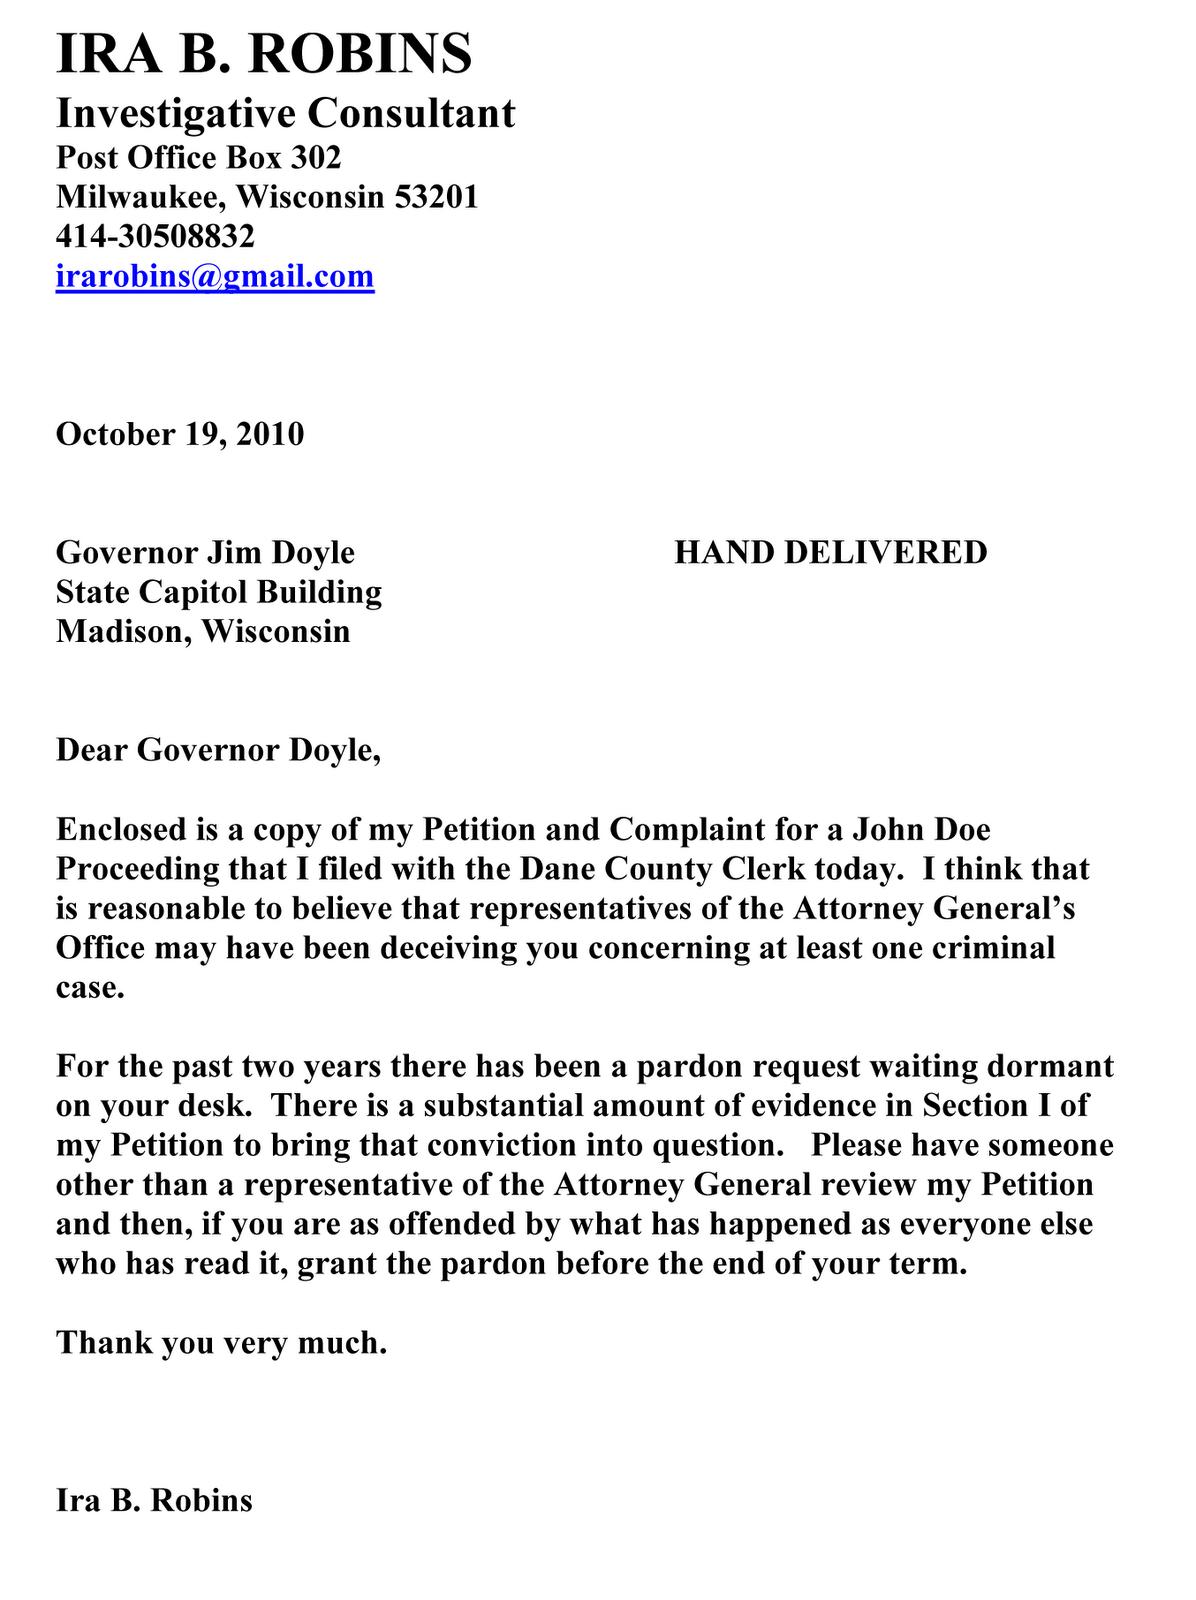 Laurie Bembenek Info Part 17B Petition For John Doe